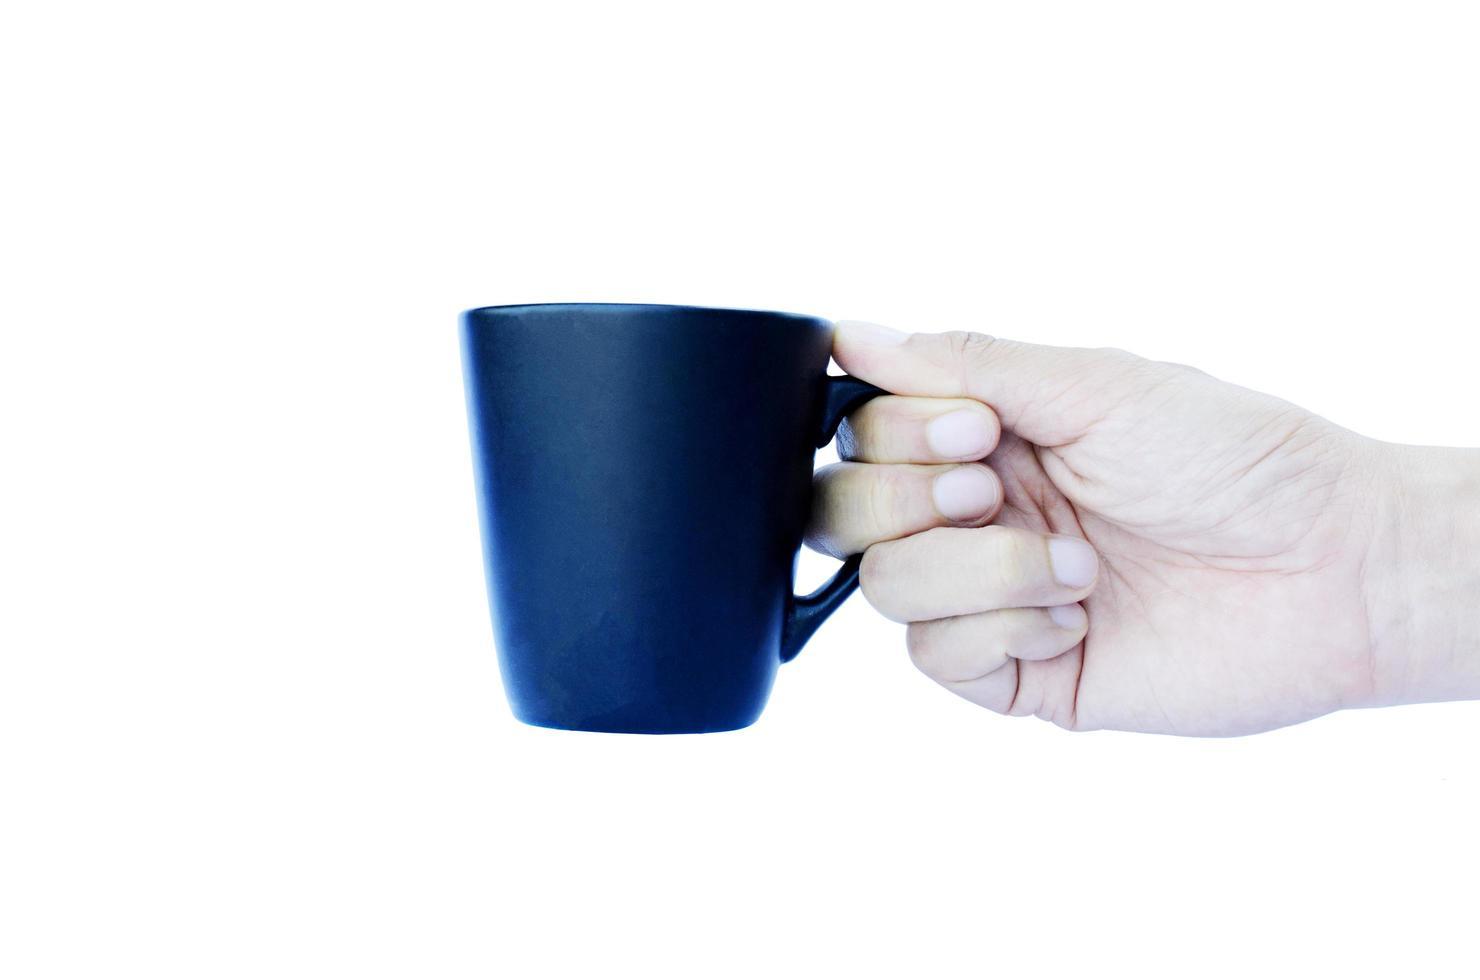 mano che tiene tazze blu isolate su sfondi bianchi foto